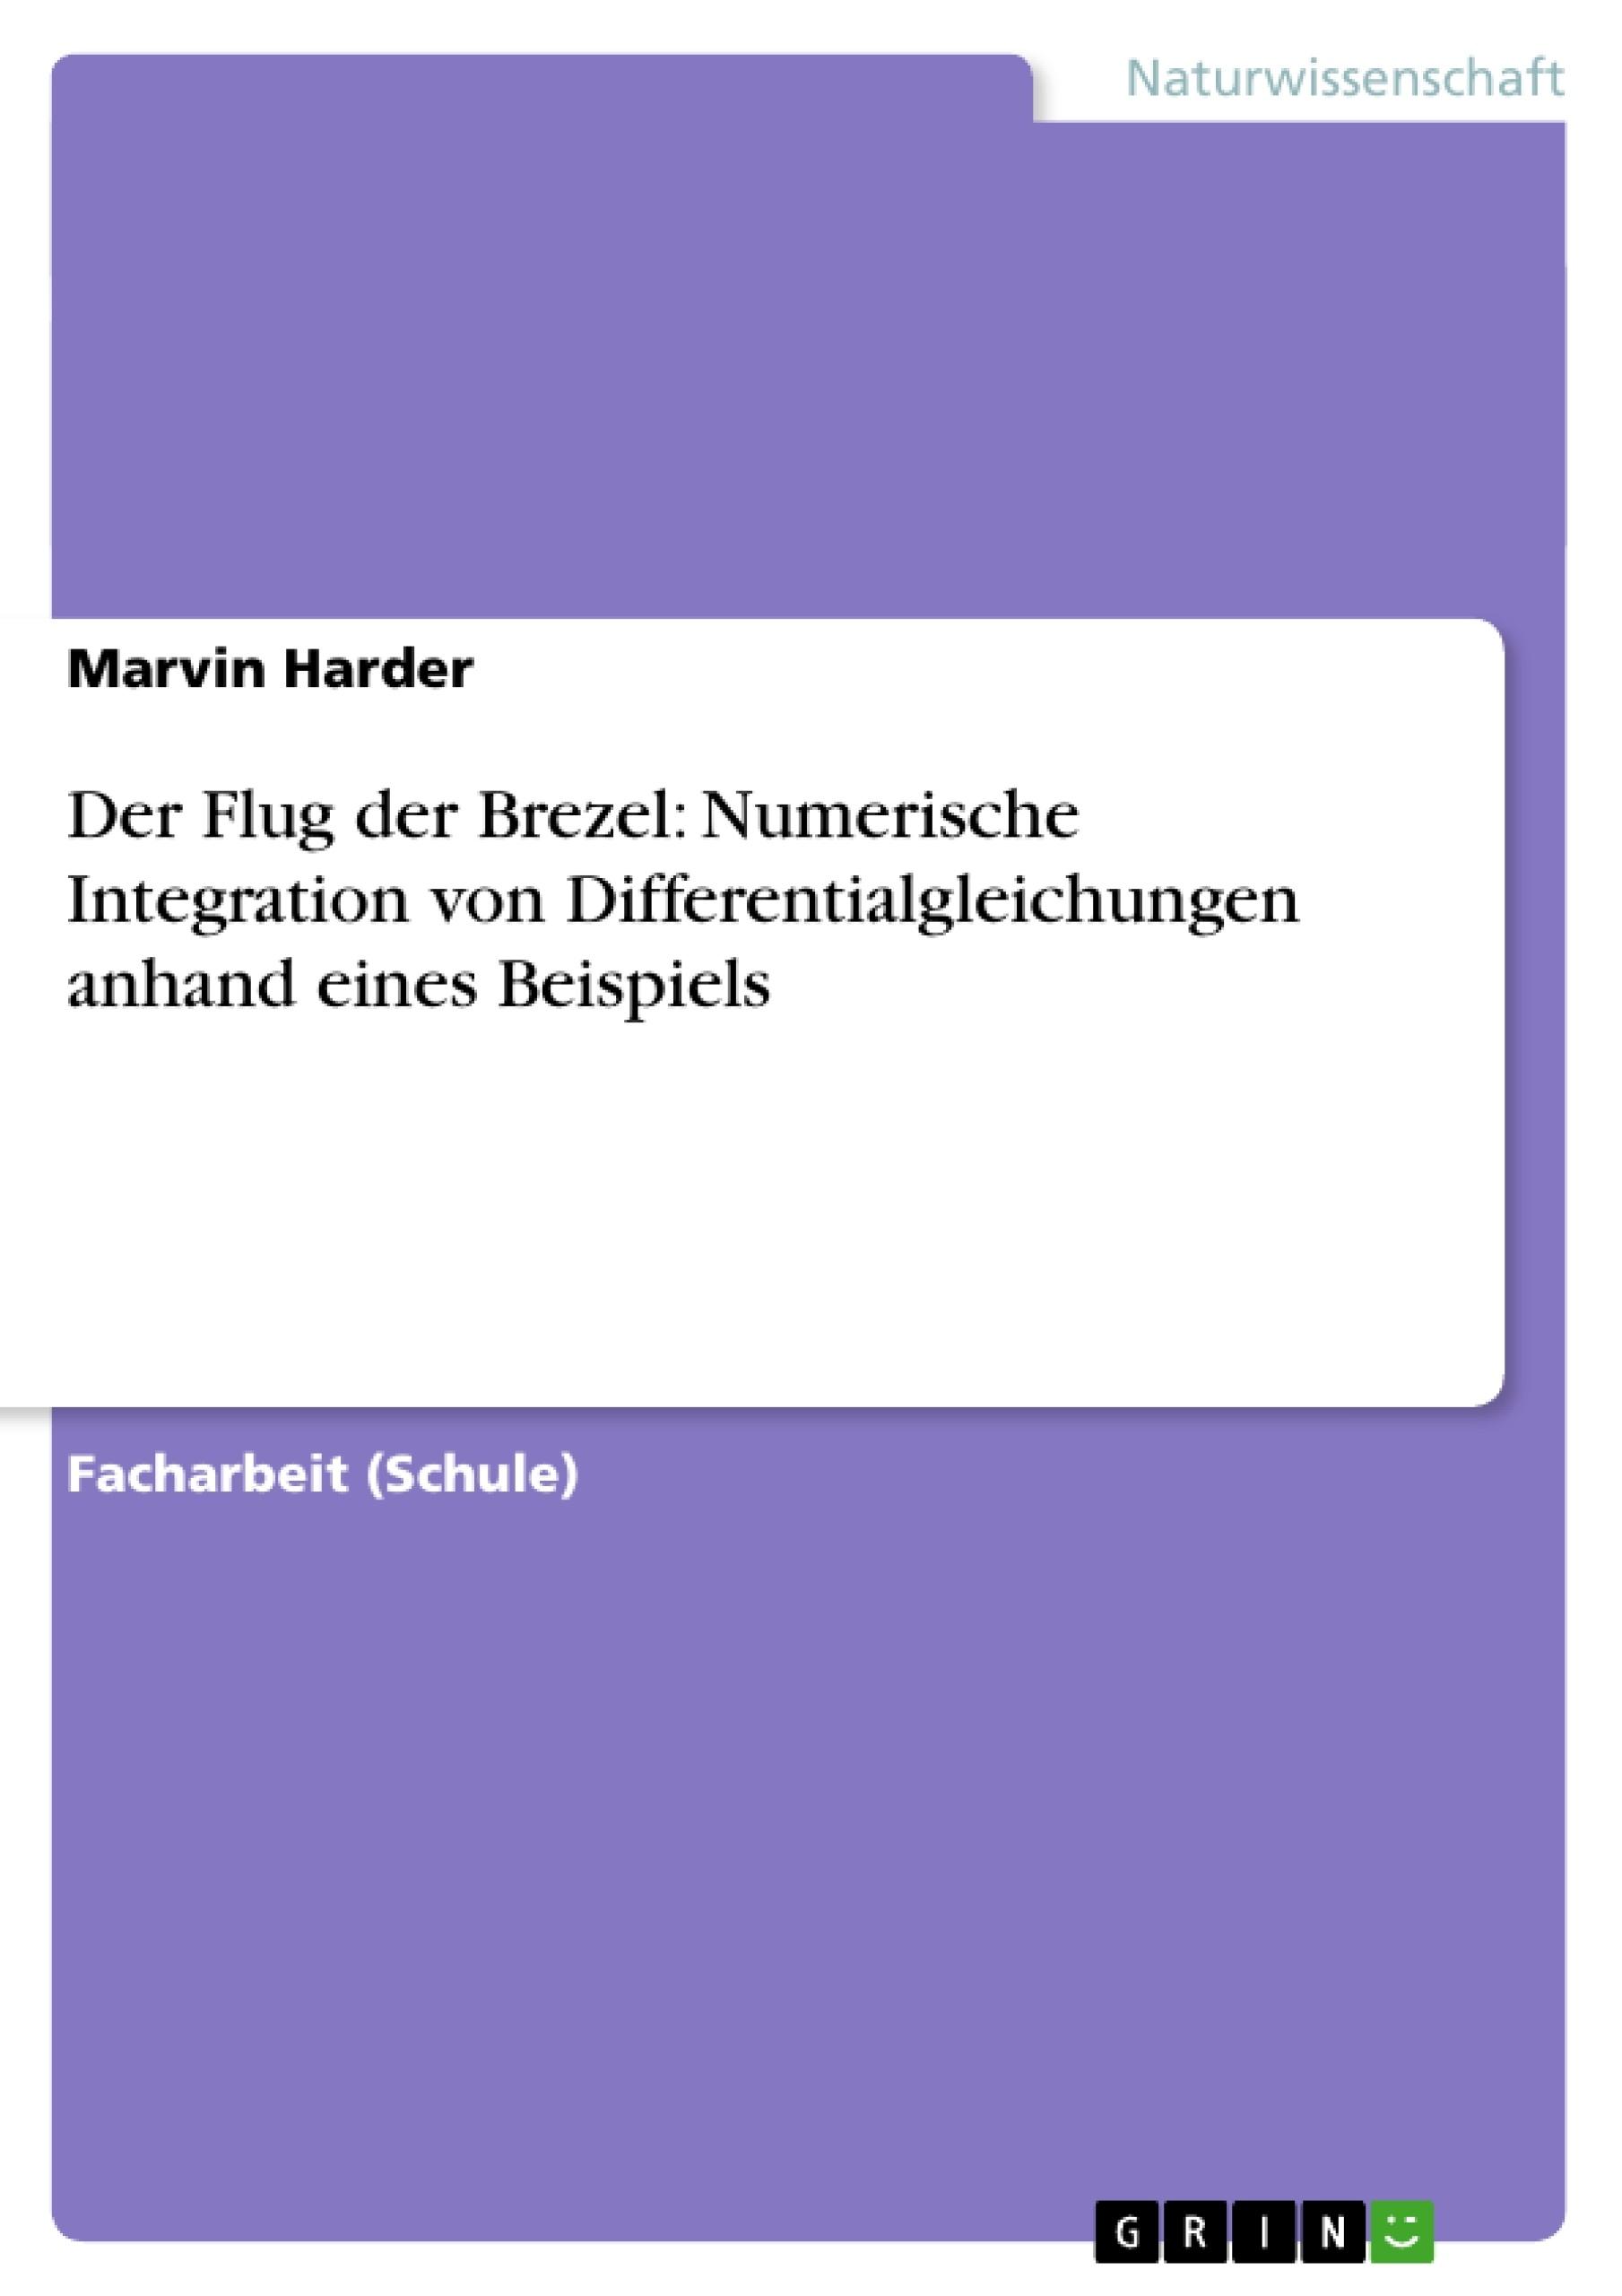 Titel: Der Flug der Brezel: Numerische Integration von Differentialgleichungen anhand eines Beispiels